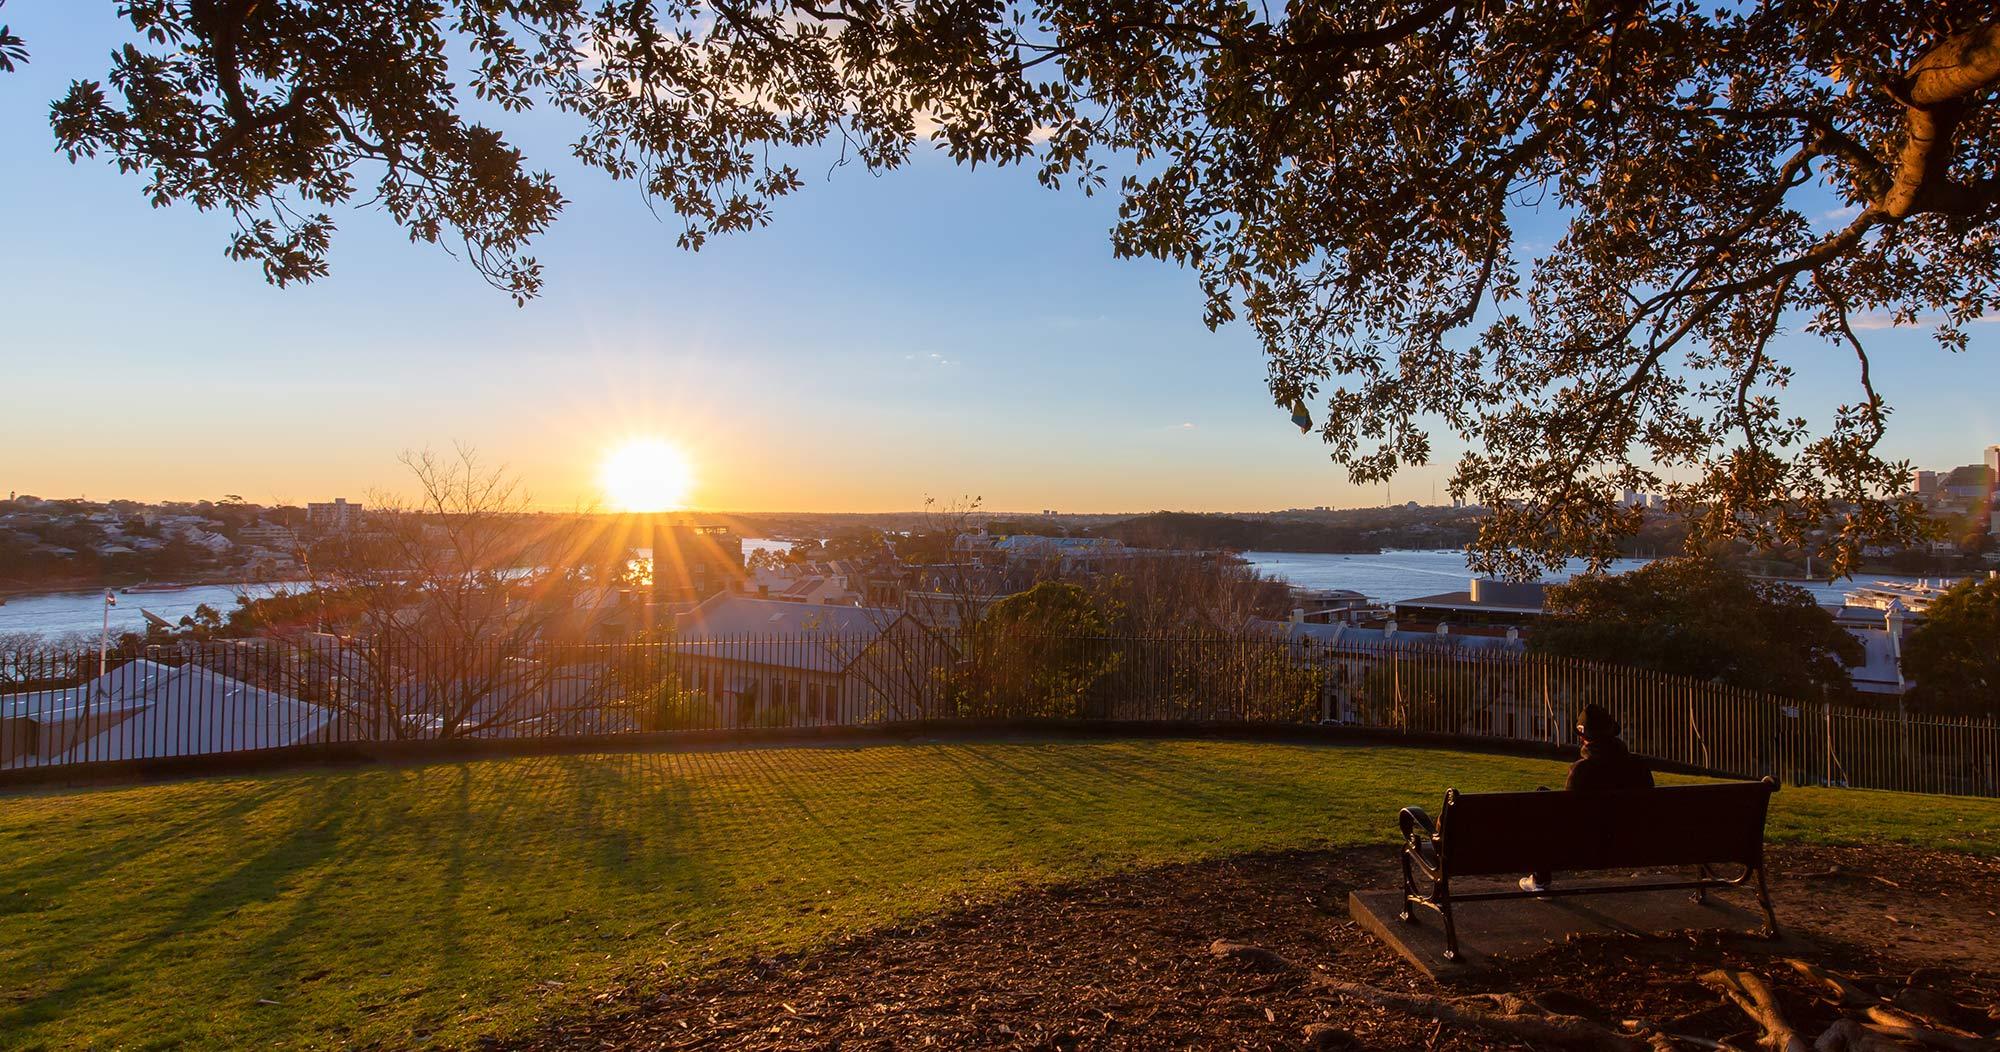 美しい夕日の絶景 OBSERVATORY HILL PARK(オブザーバトリー・ヒル・パーク)| WALSH BAY